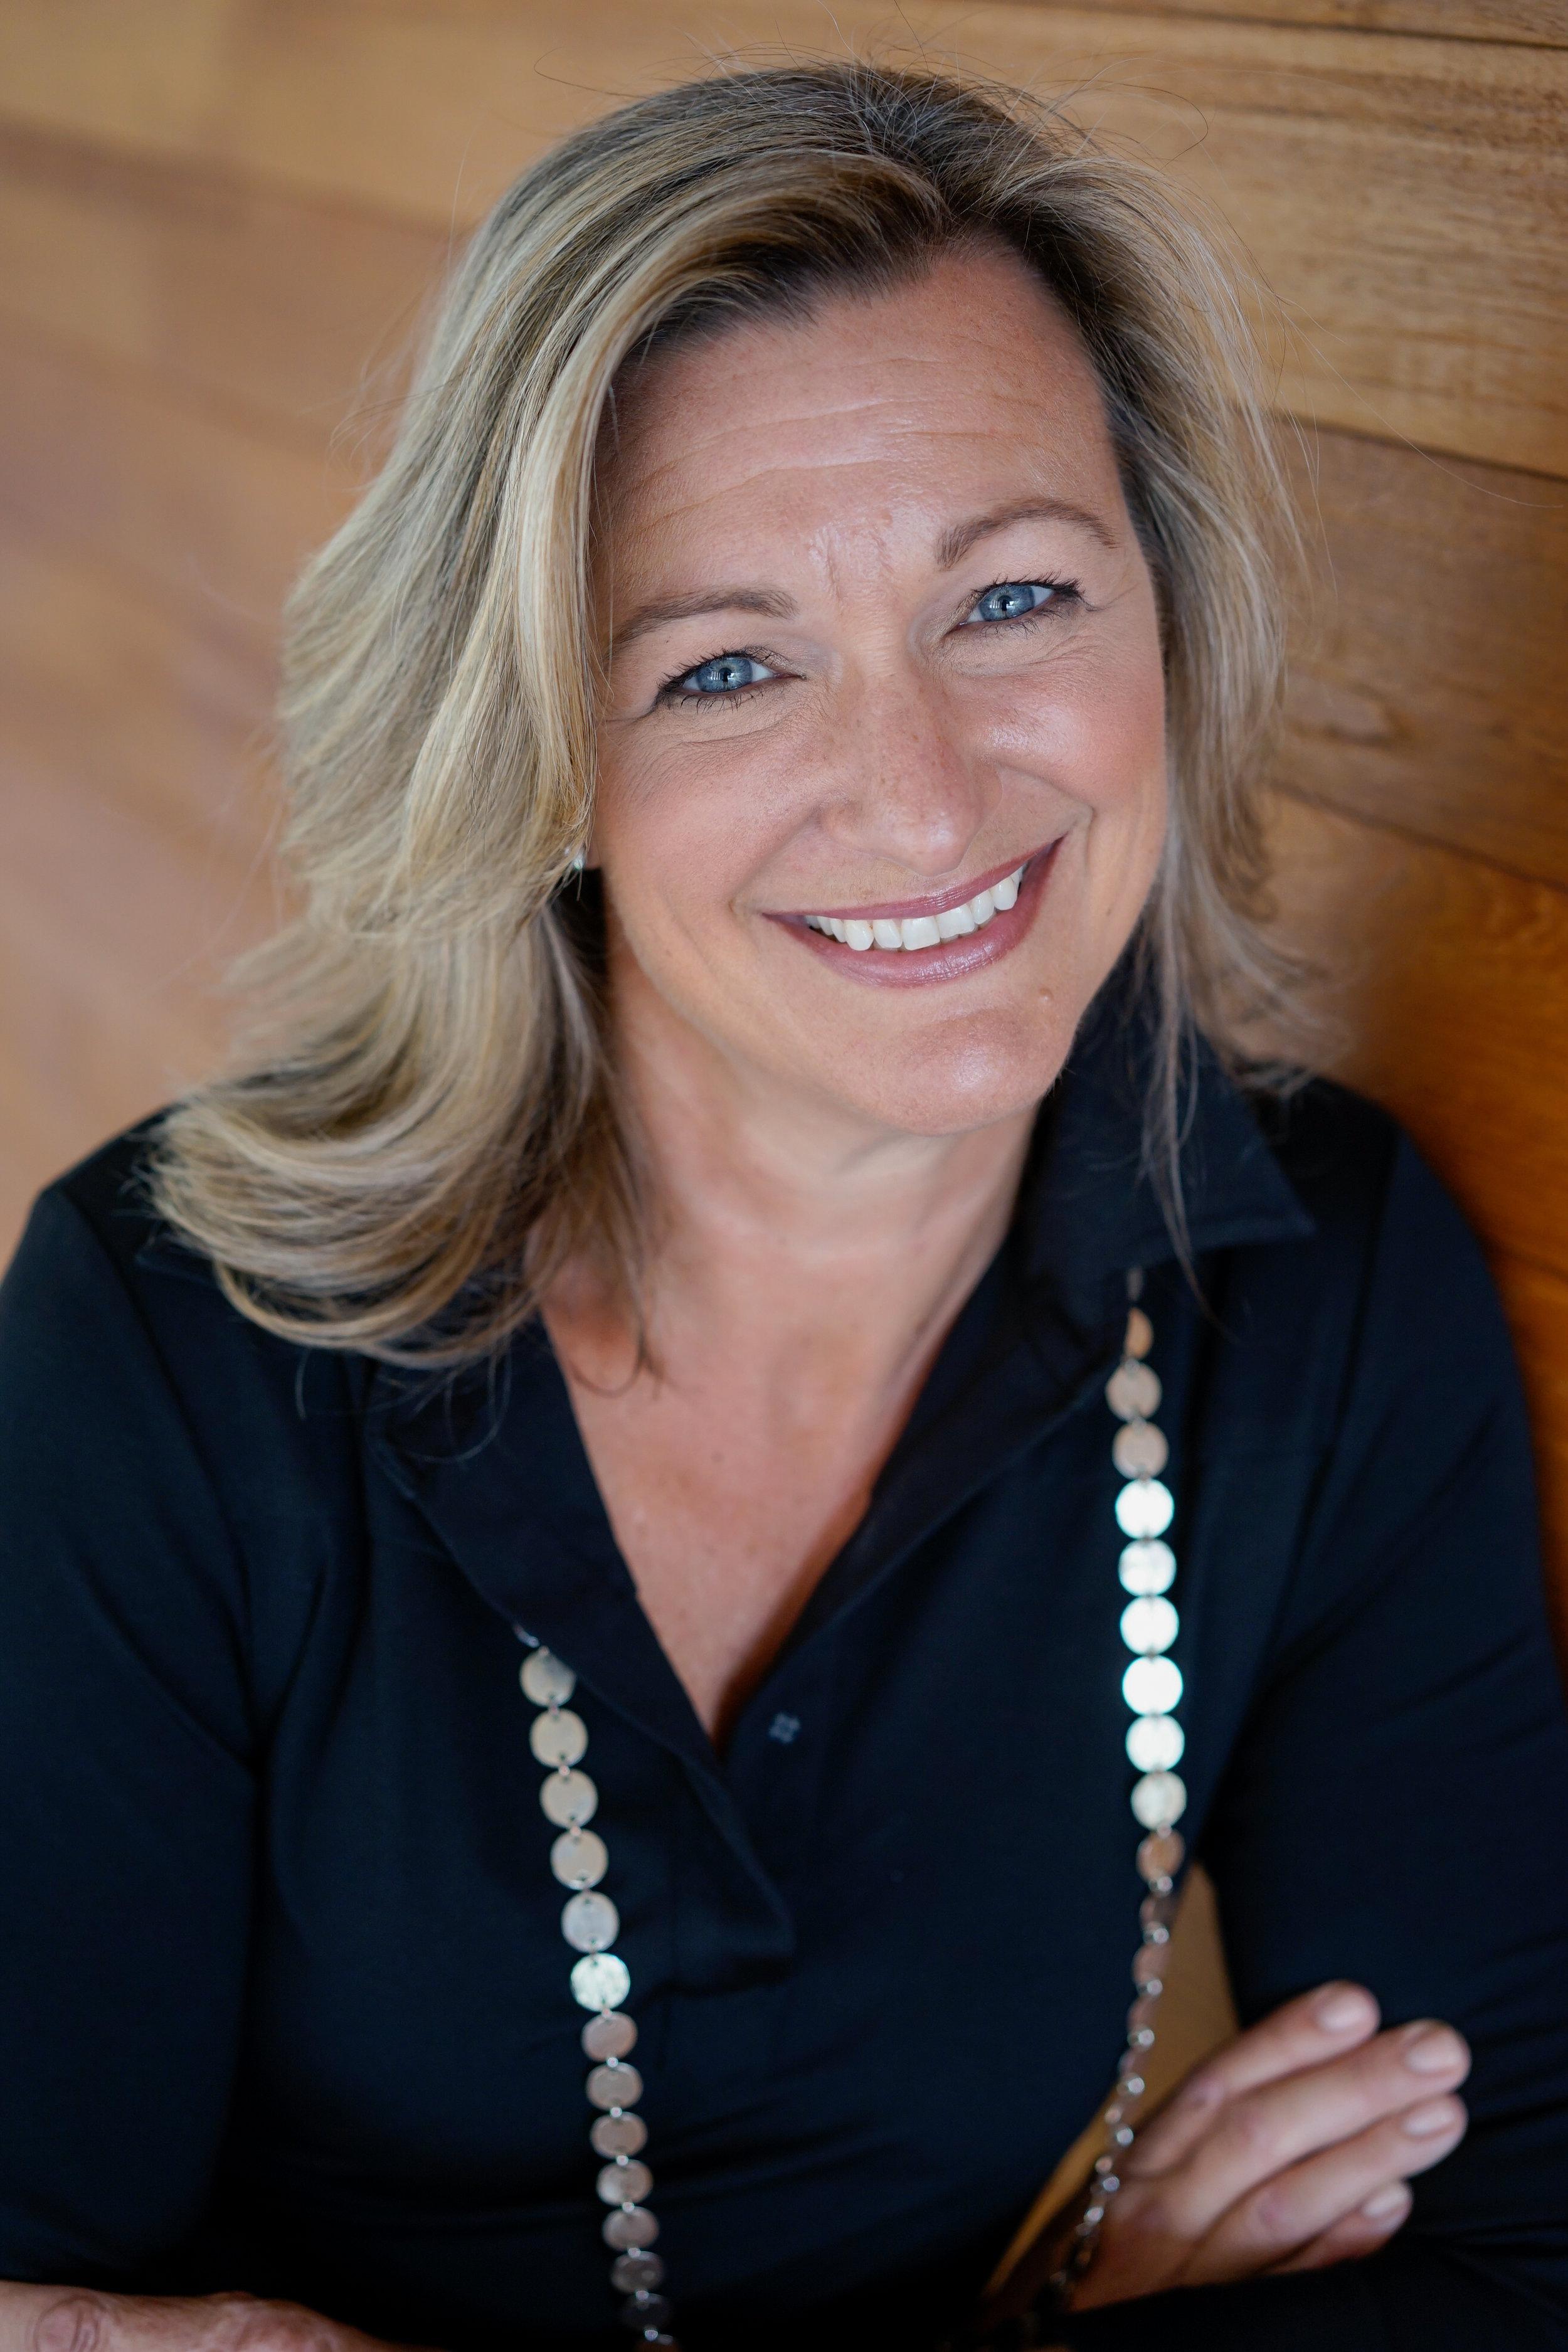 Kathy Bogle - Owner, Bogle Design Group